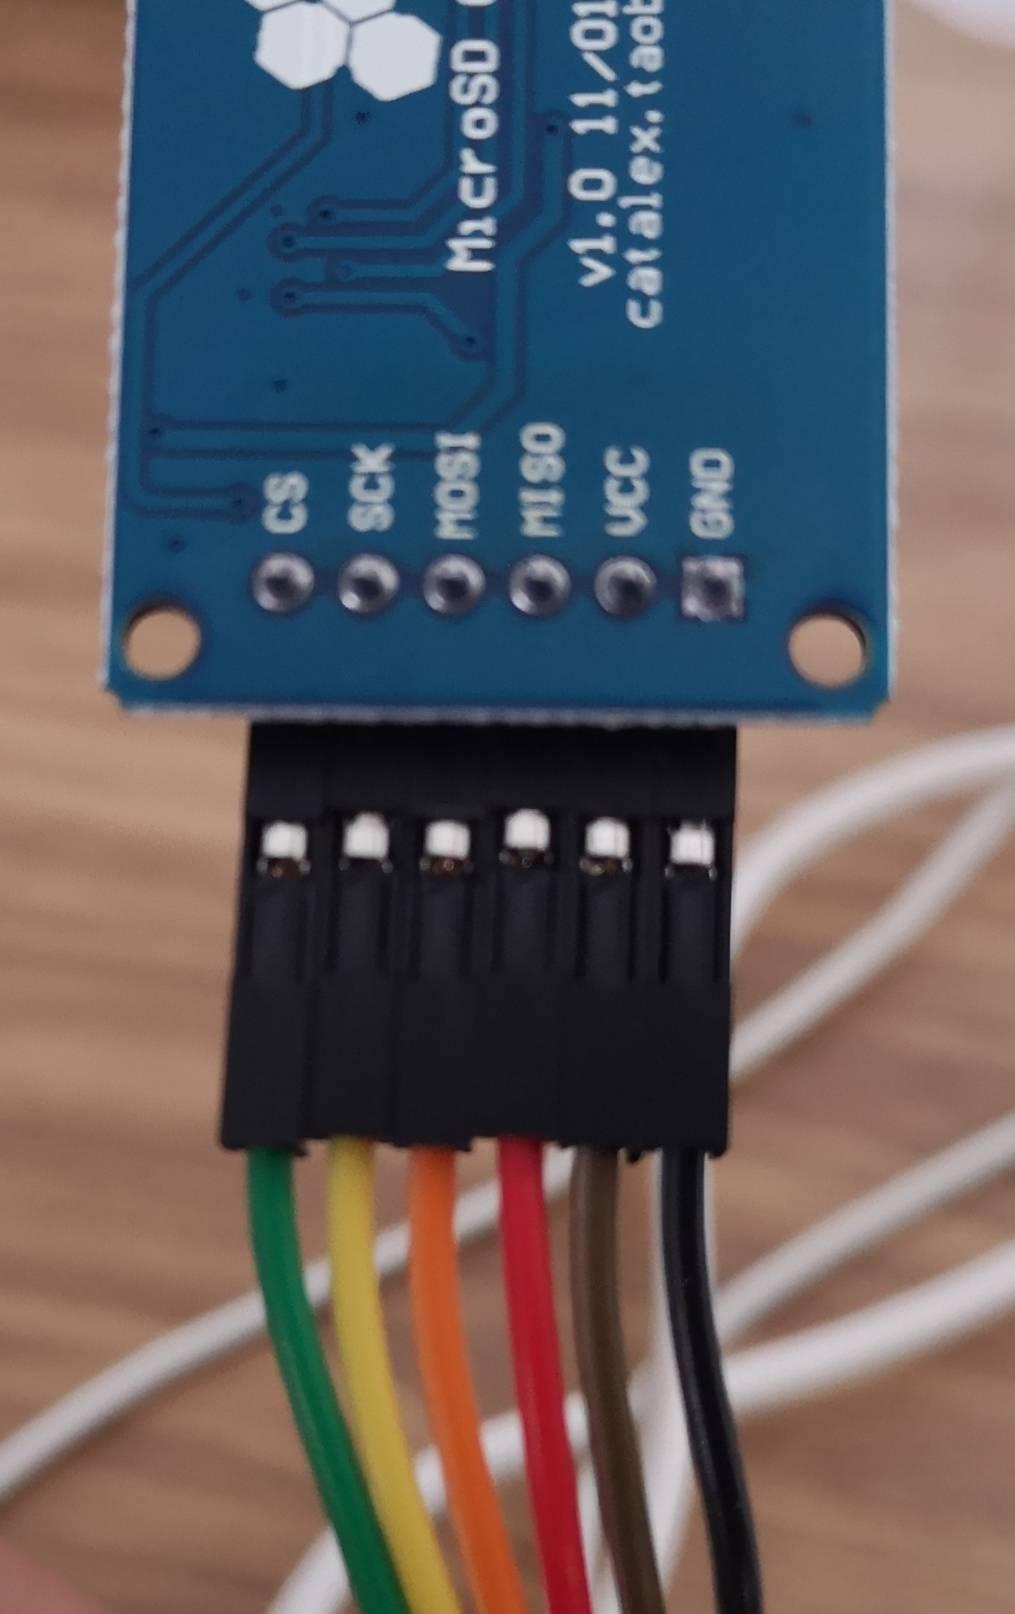 โมดูล sd card initialization failed  - ขาย Arduino ทุกอย่าง